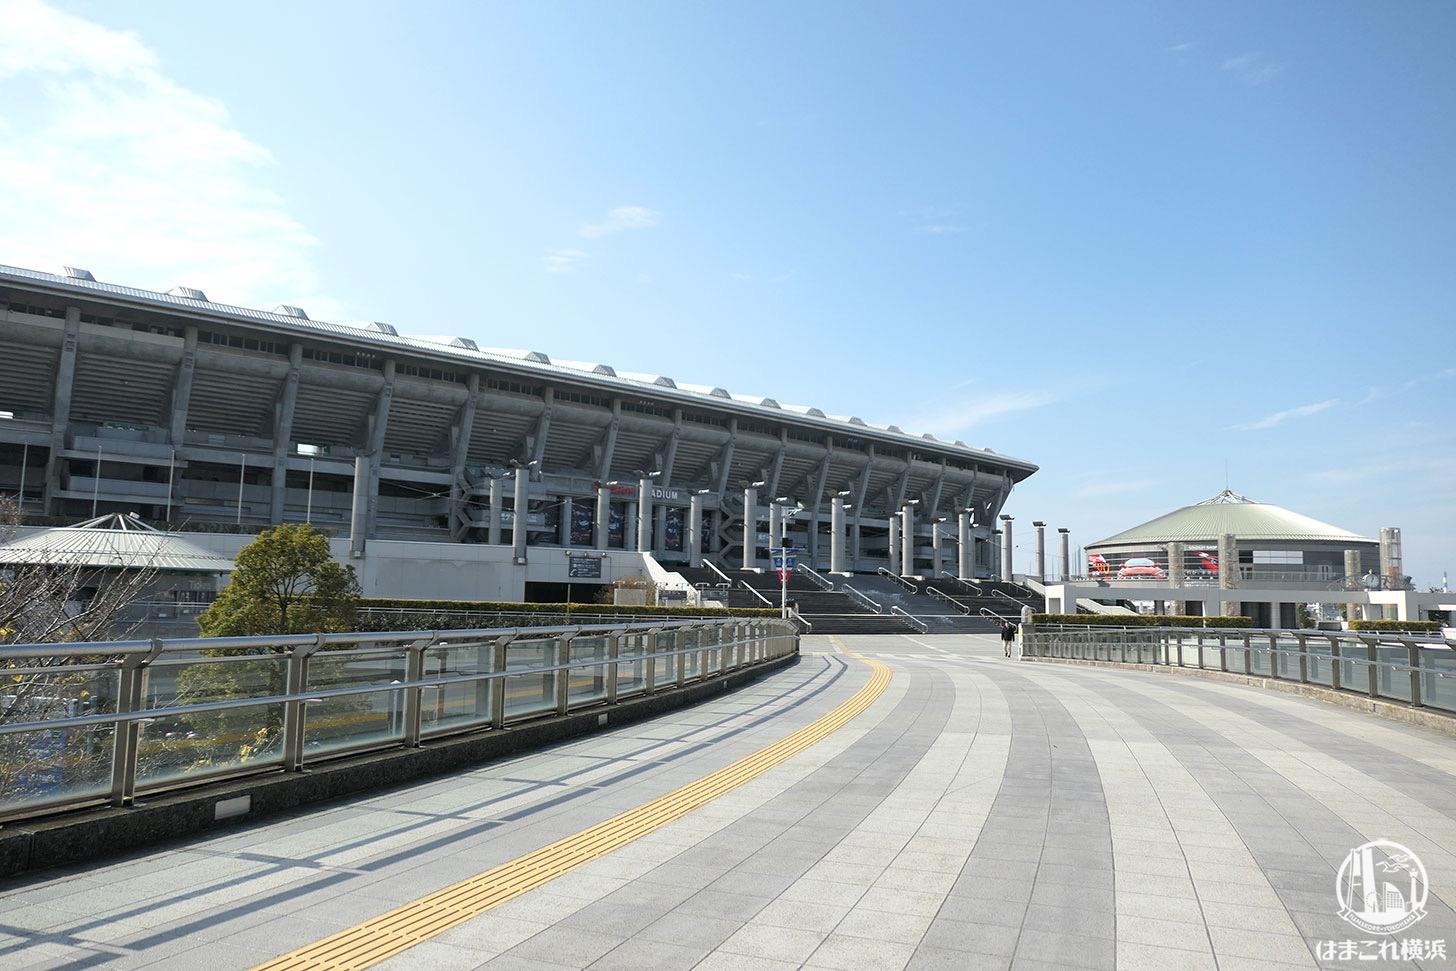 インターナショナルスタジアム横浜